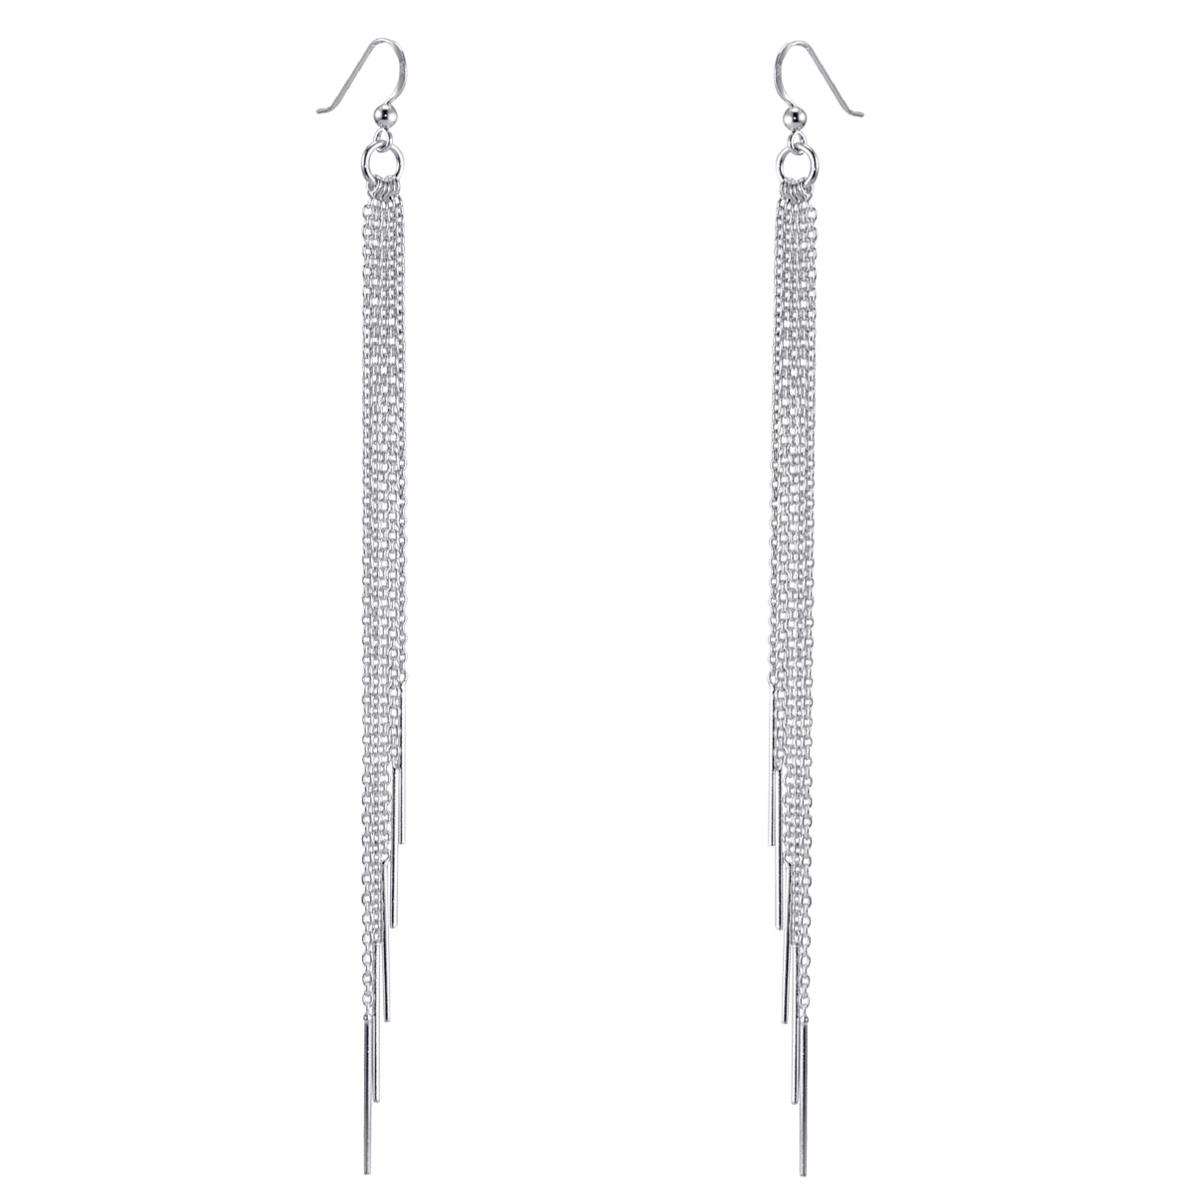 MATERIA Damen Ohrringe lang hängend 925 Silber Stäbchen 6x140mm